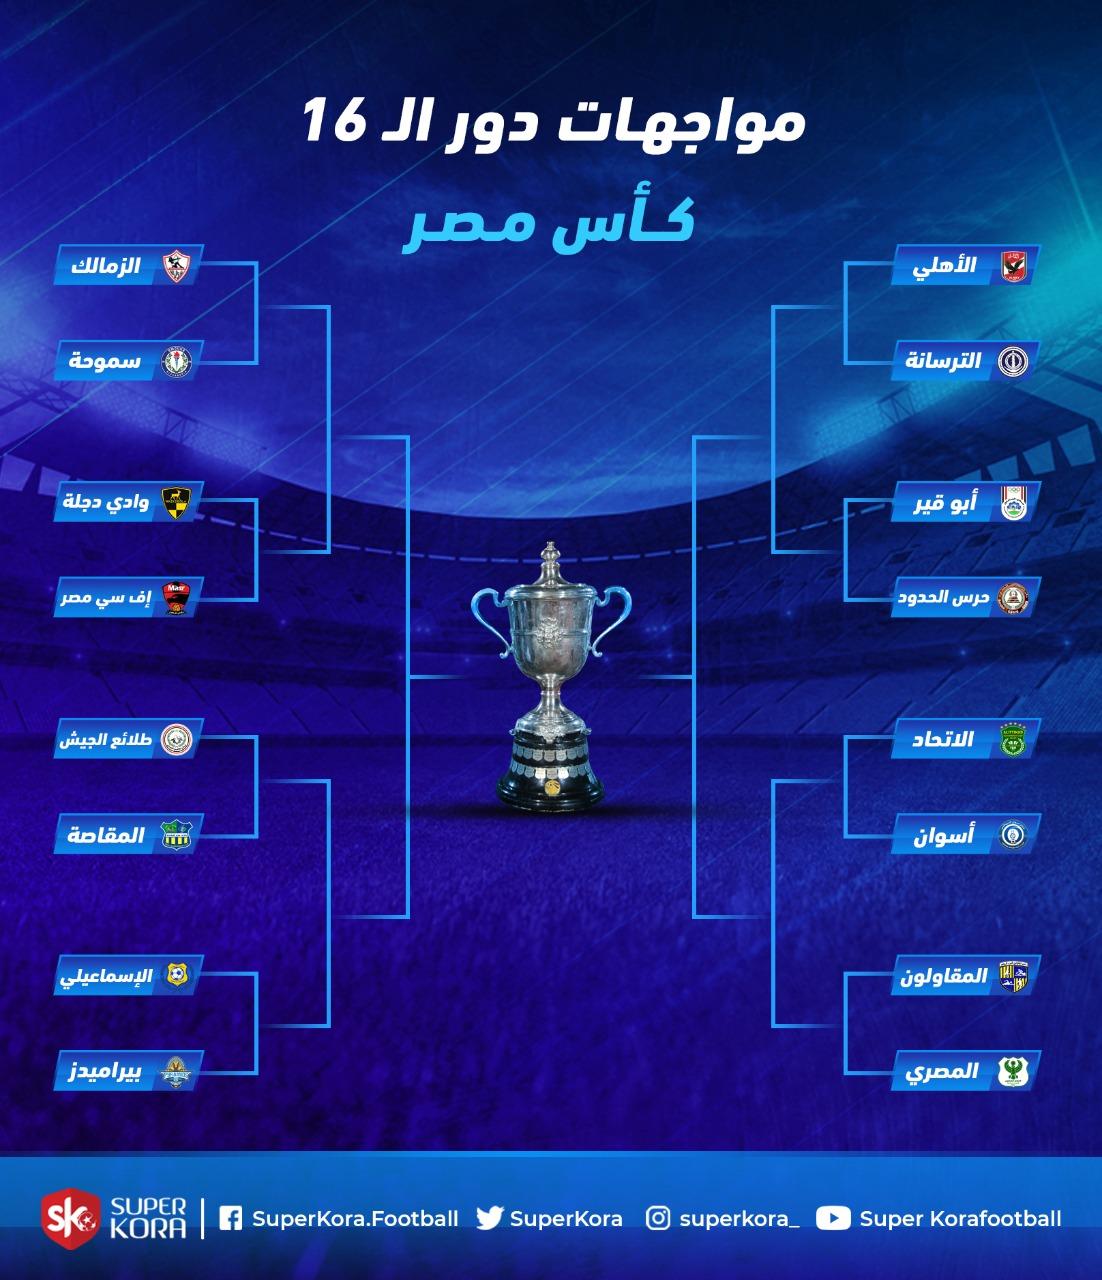 مباريات دور الـ16 فى كاس مصر